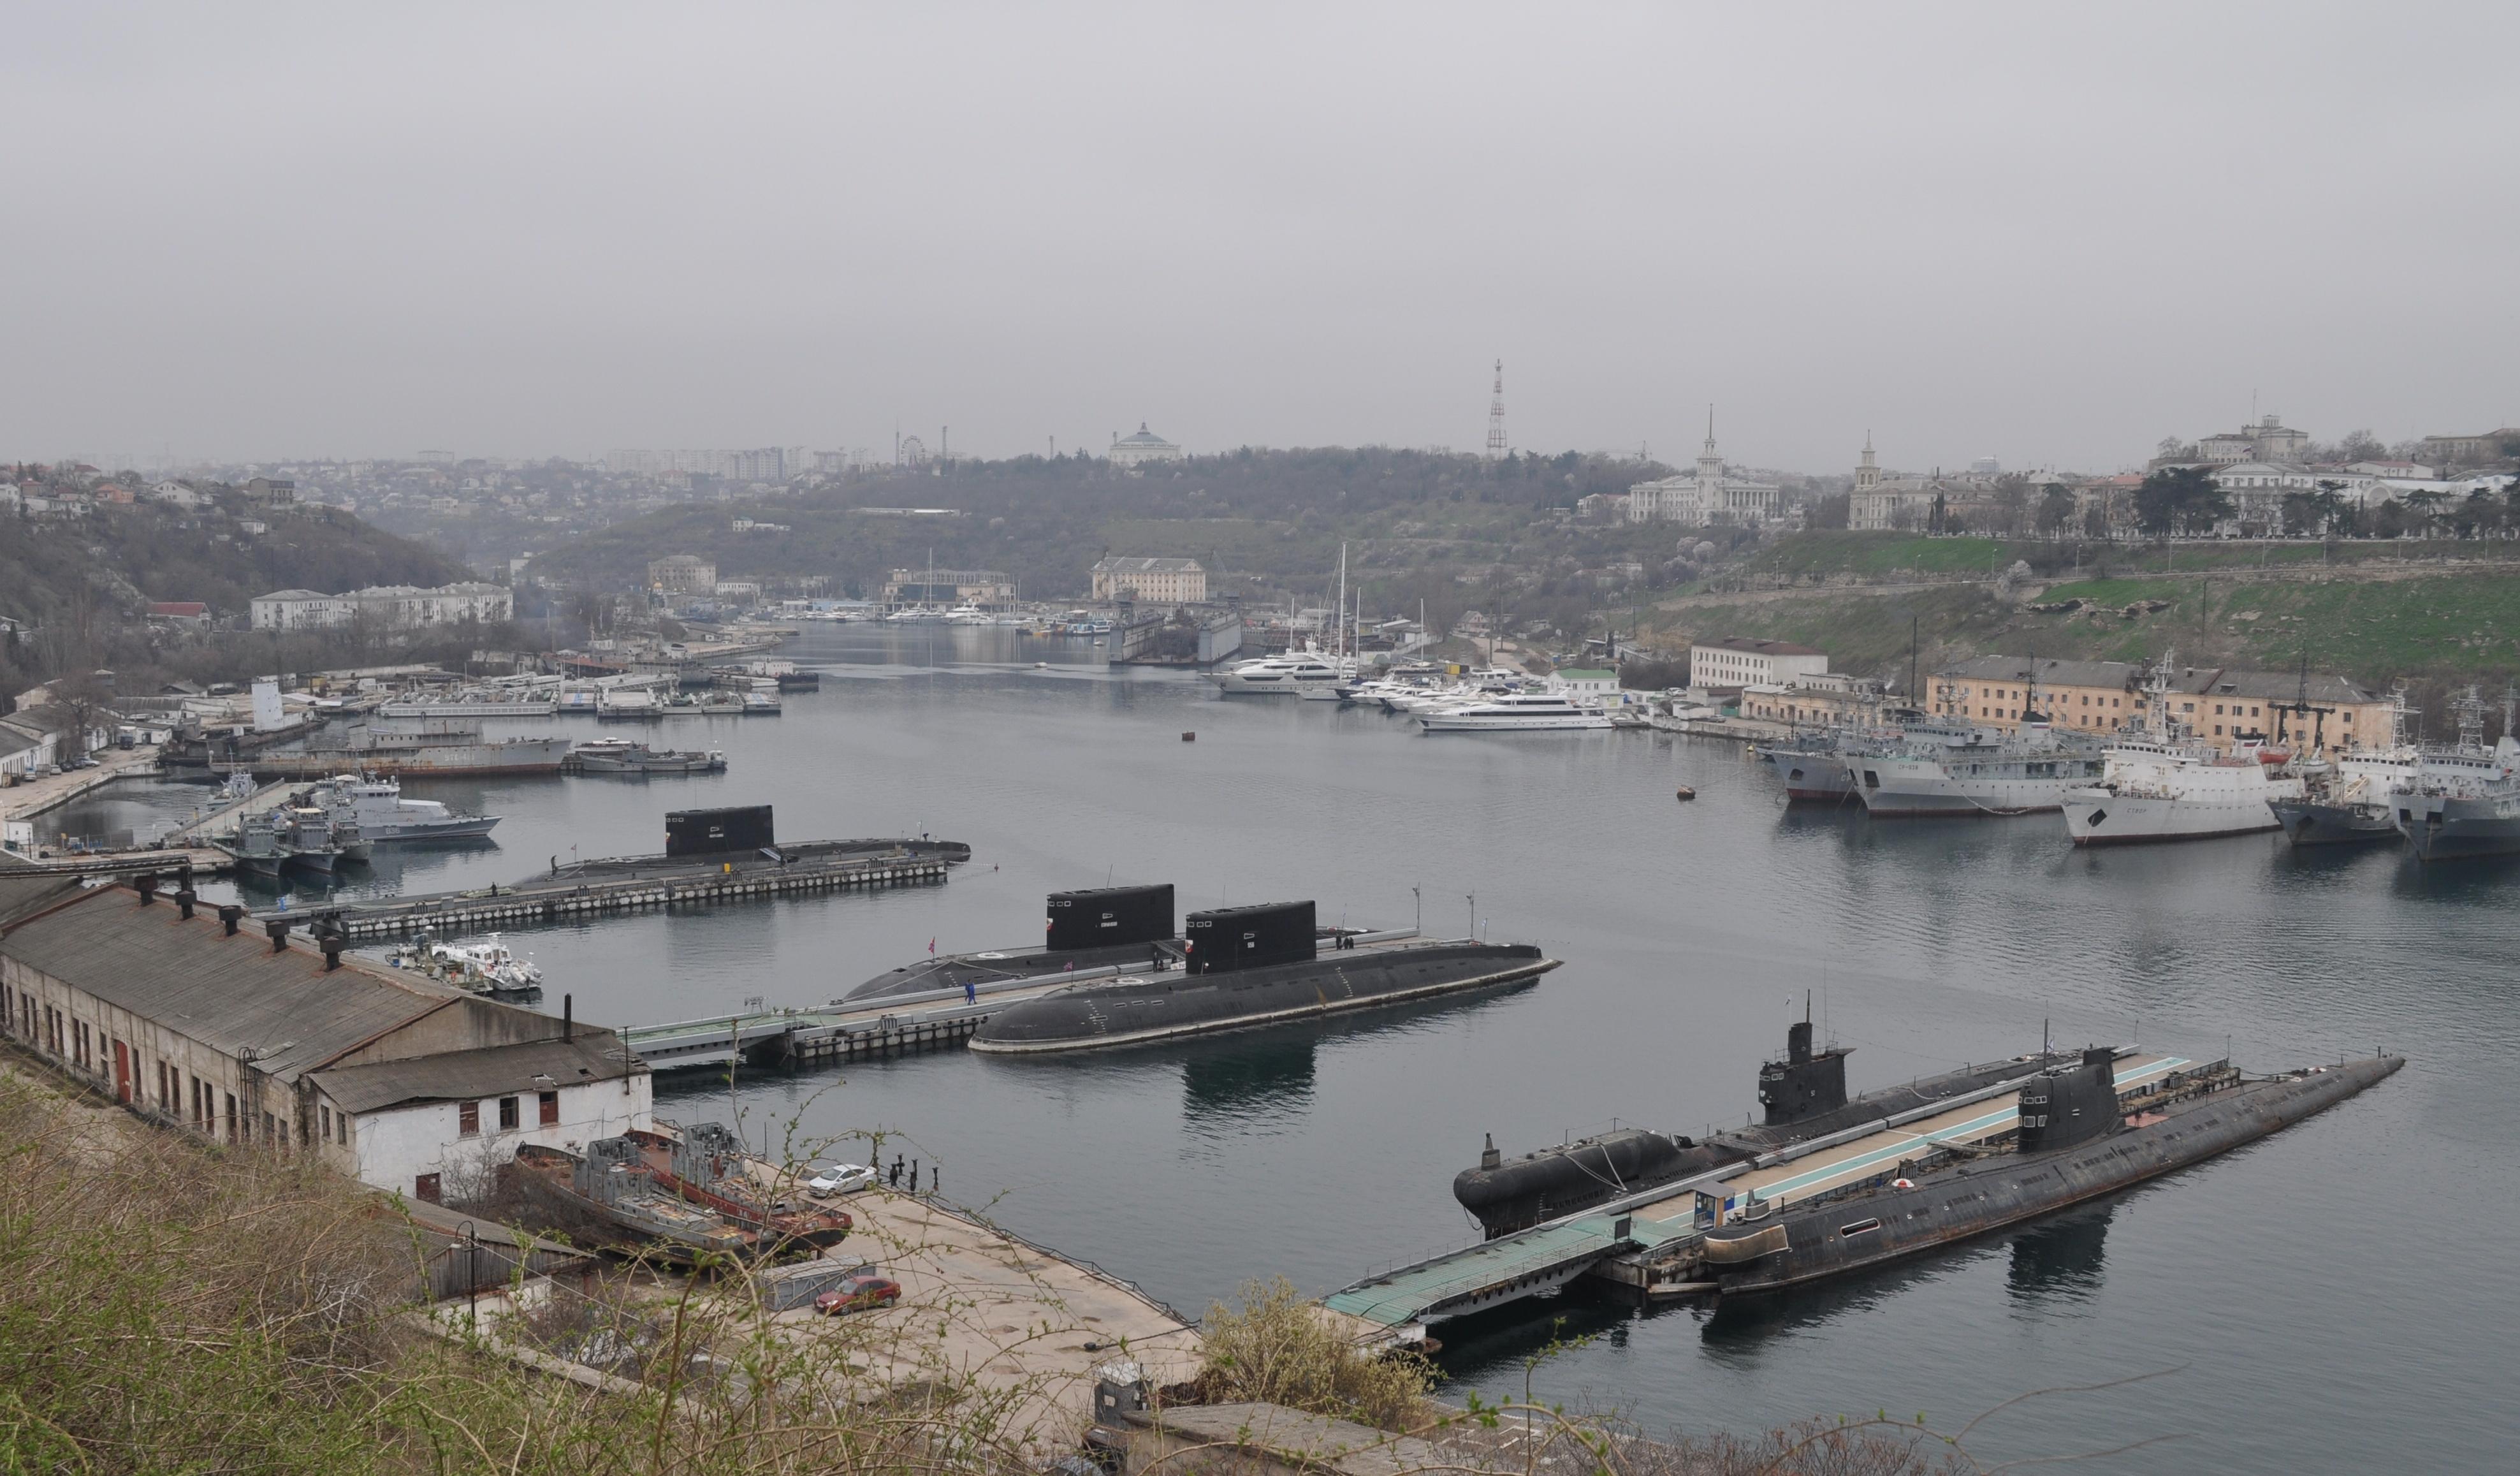 севастопольская бухта подводных лодок